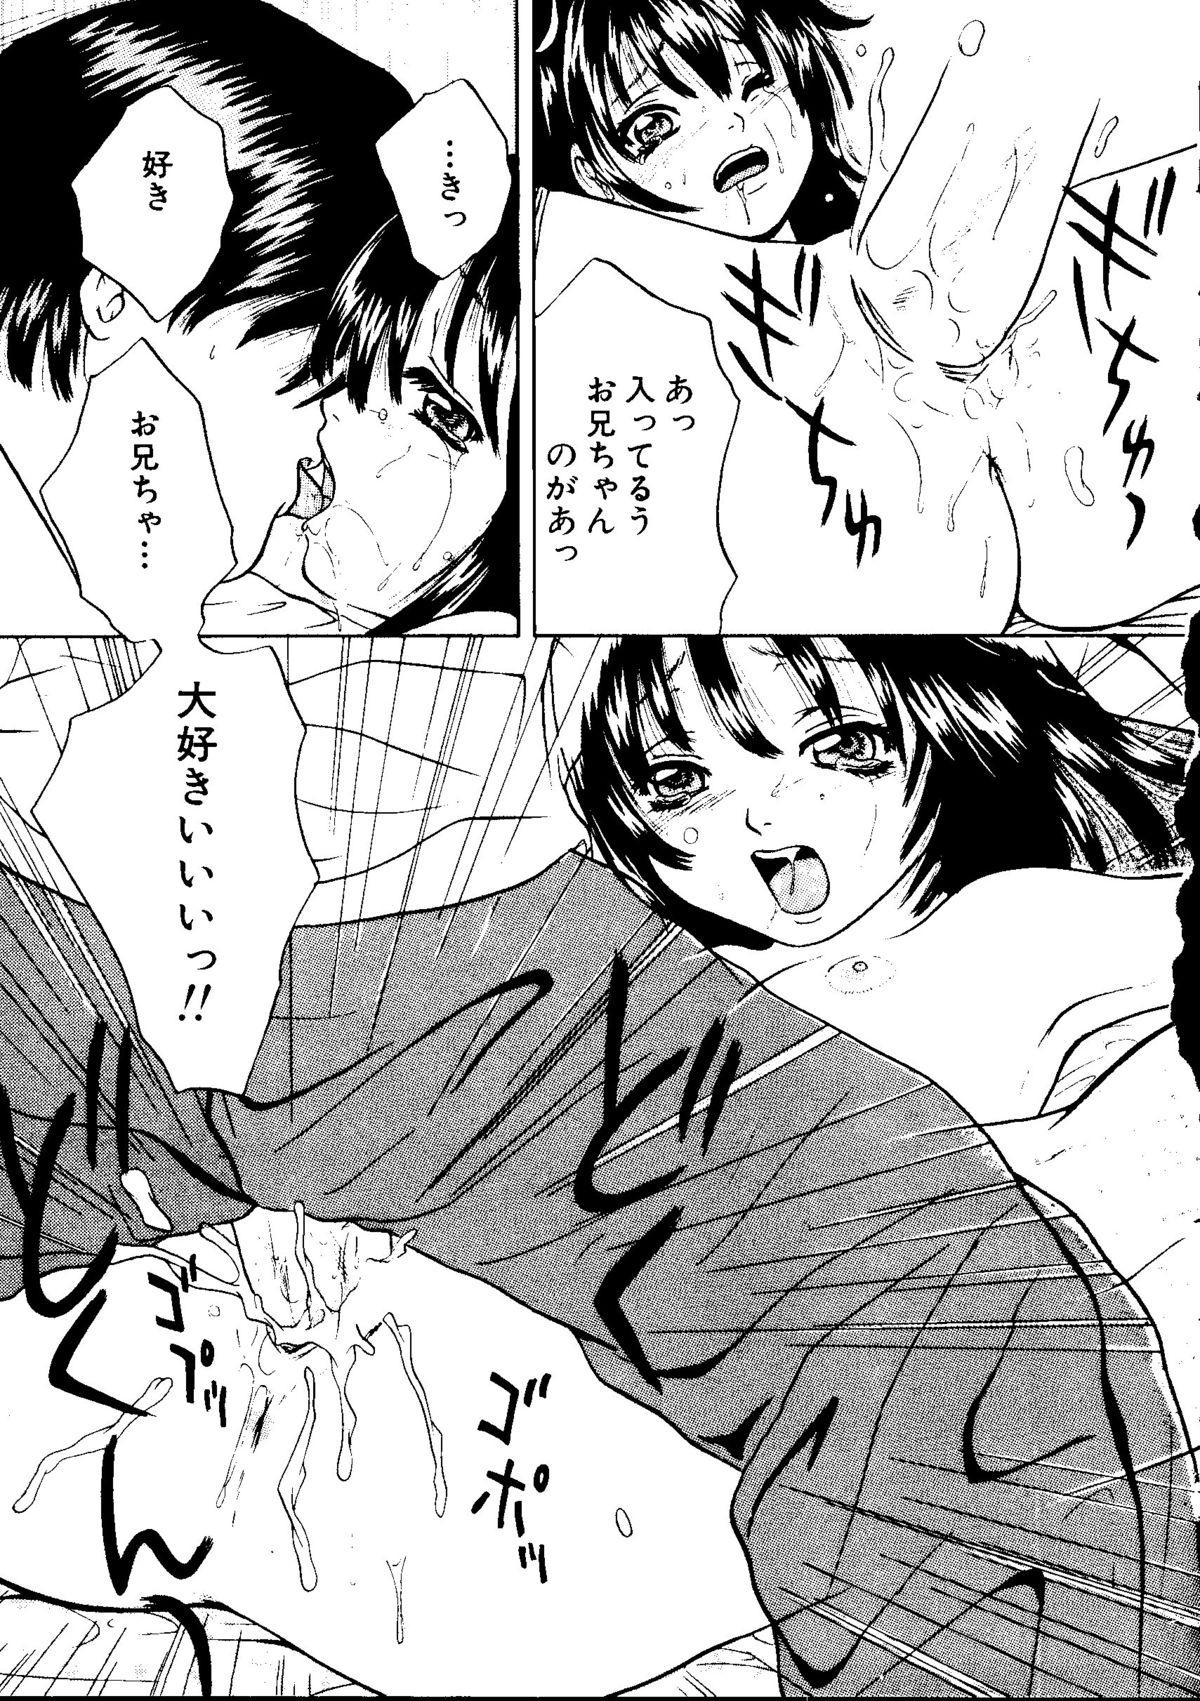 Mujirushi Youhin Vol. 7 37